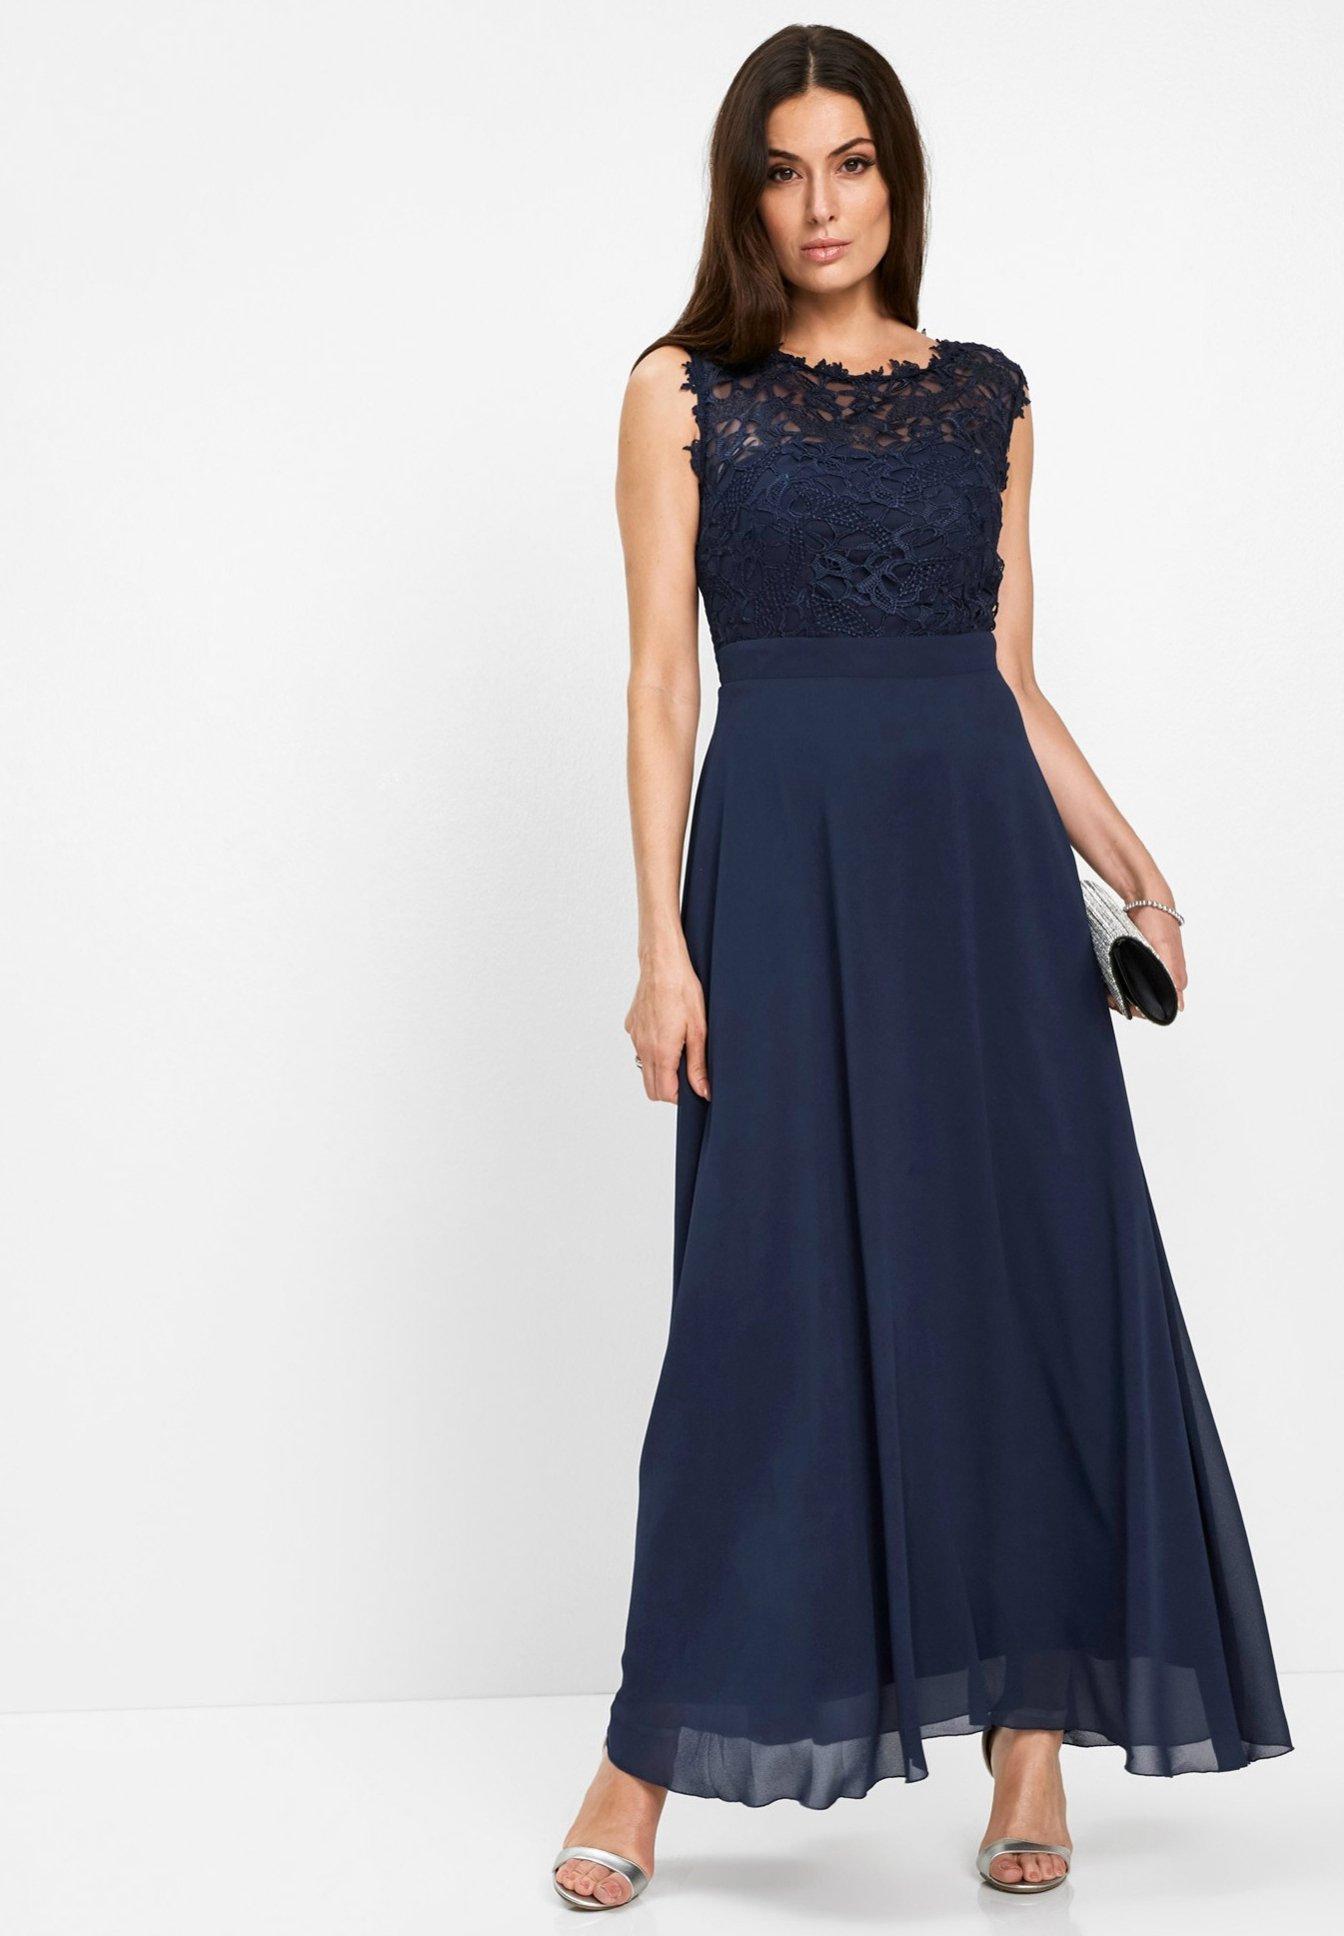 Bonprix Mit Spitze Edles Abendkleid Cocktailkleid Festliches Kleid Blau Dunkelblau Zalando Ch